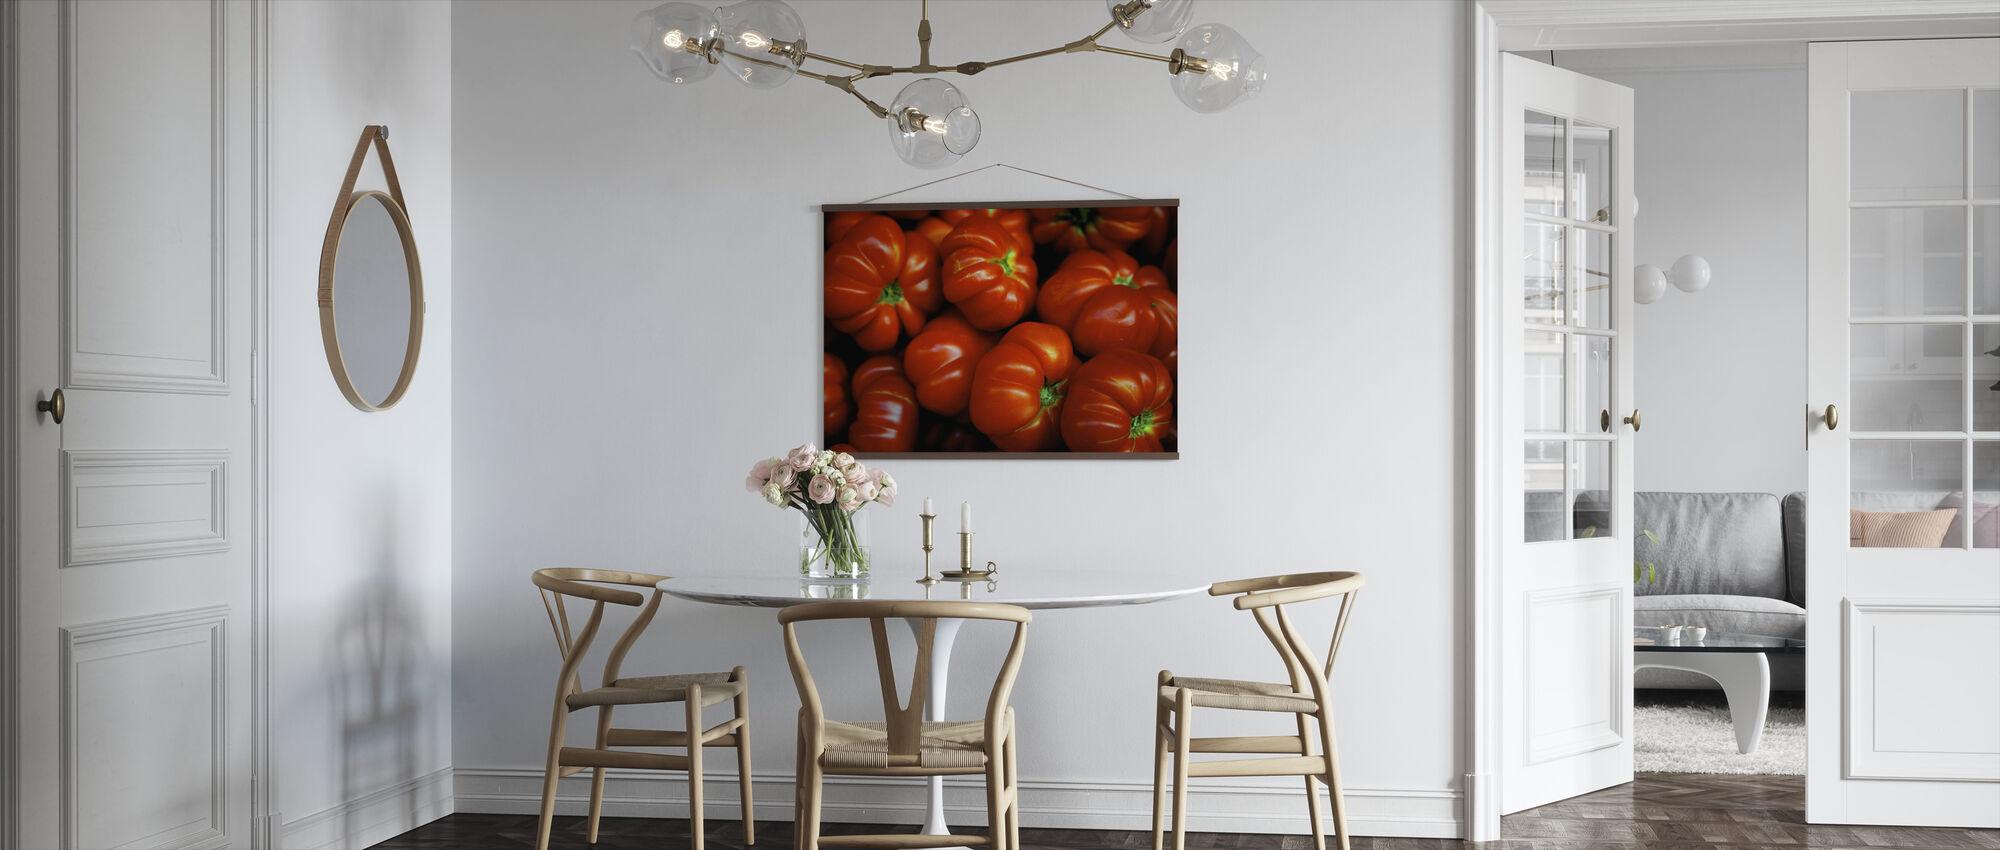 Italienske tomater - Plakat - Kjøkken